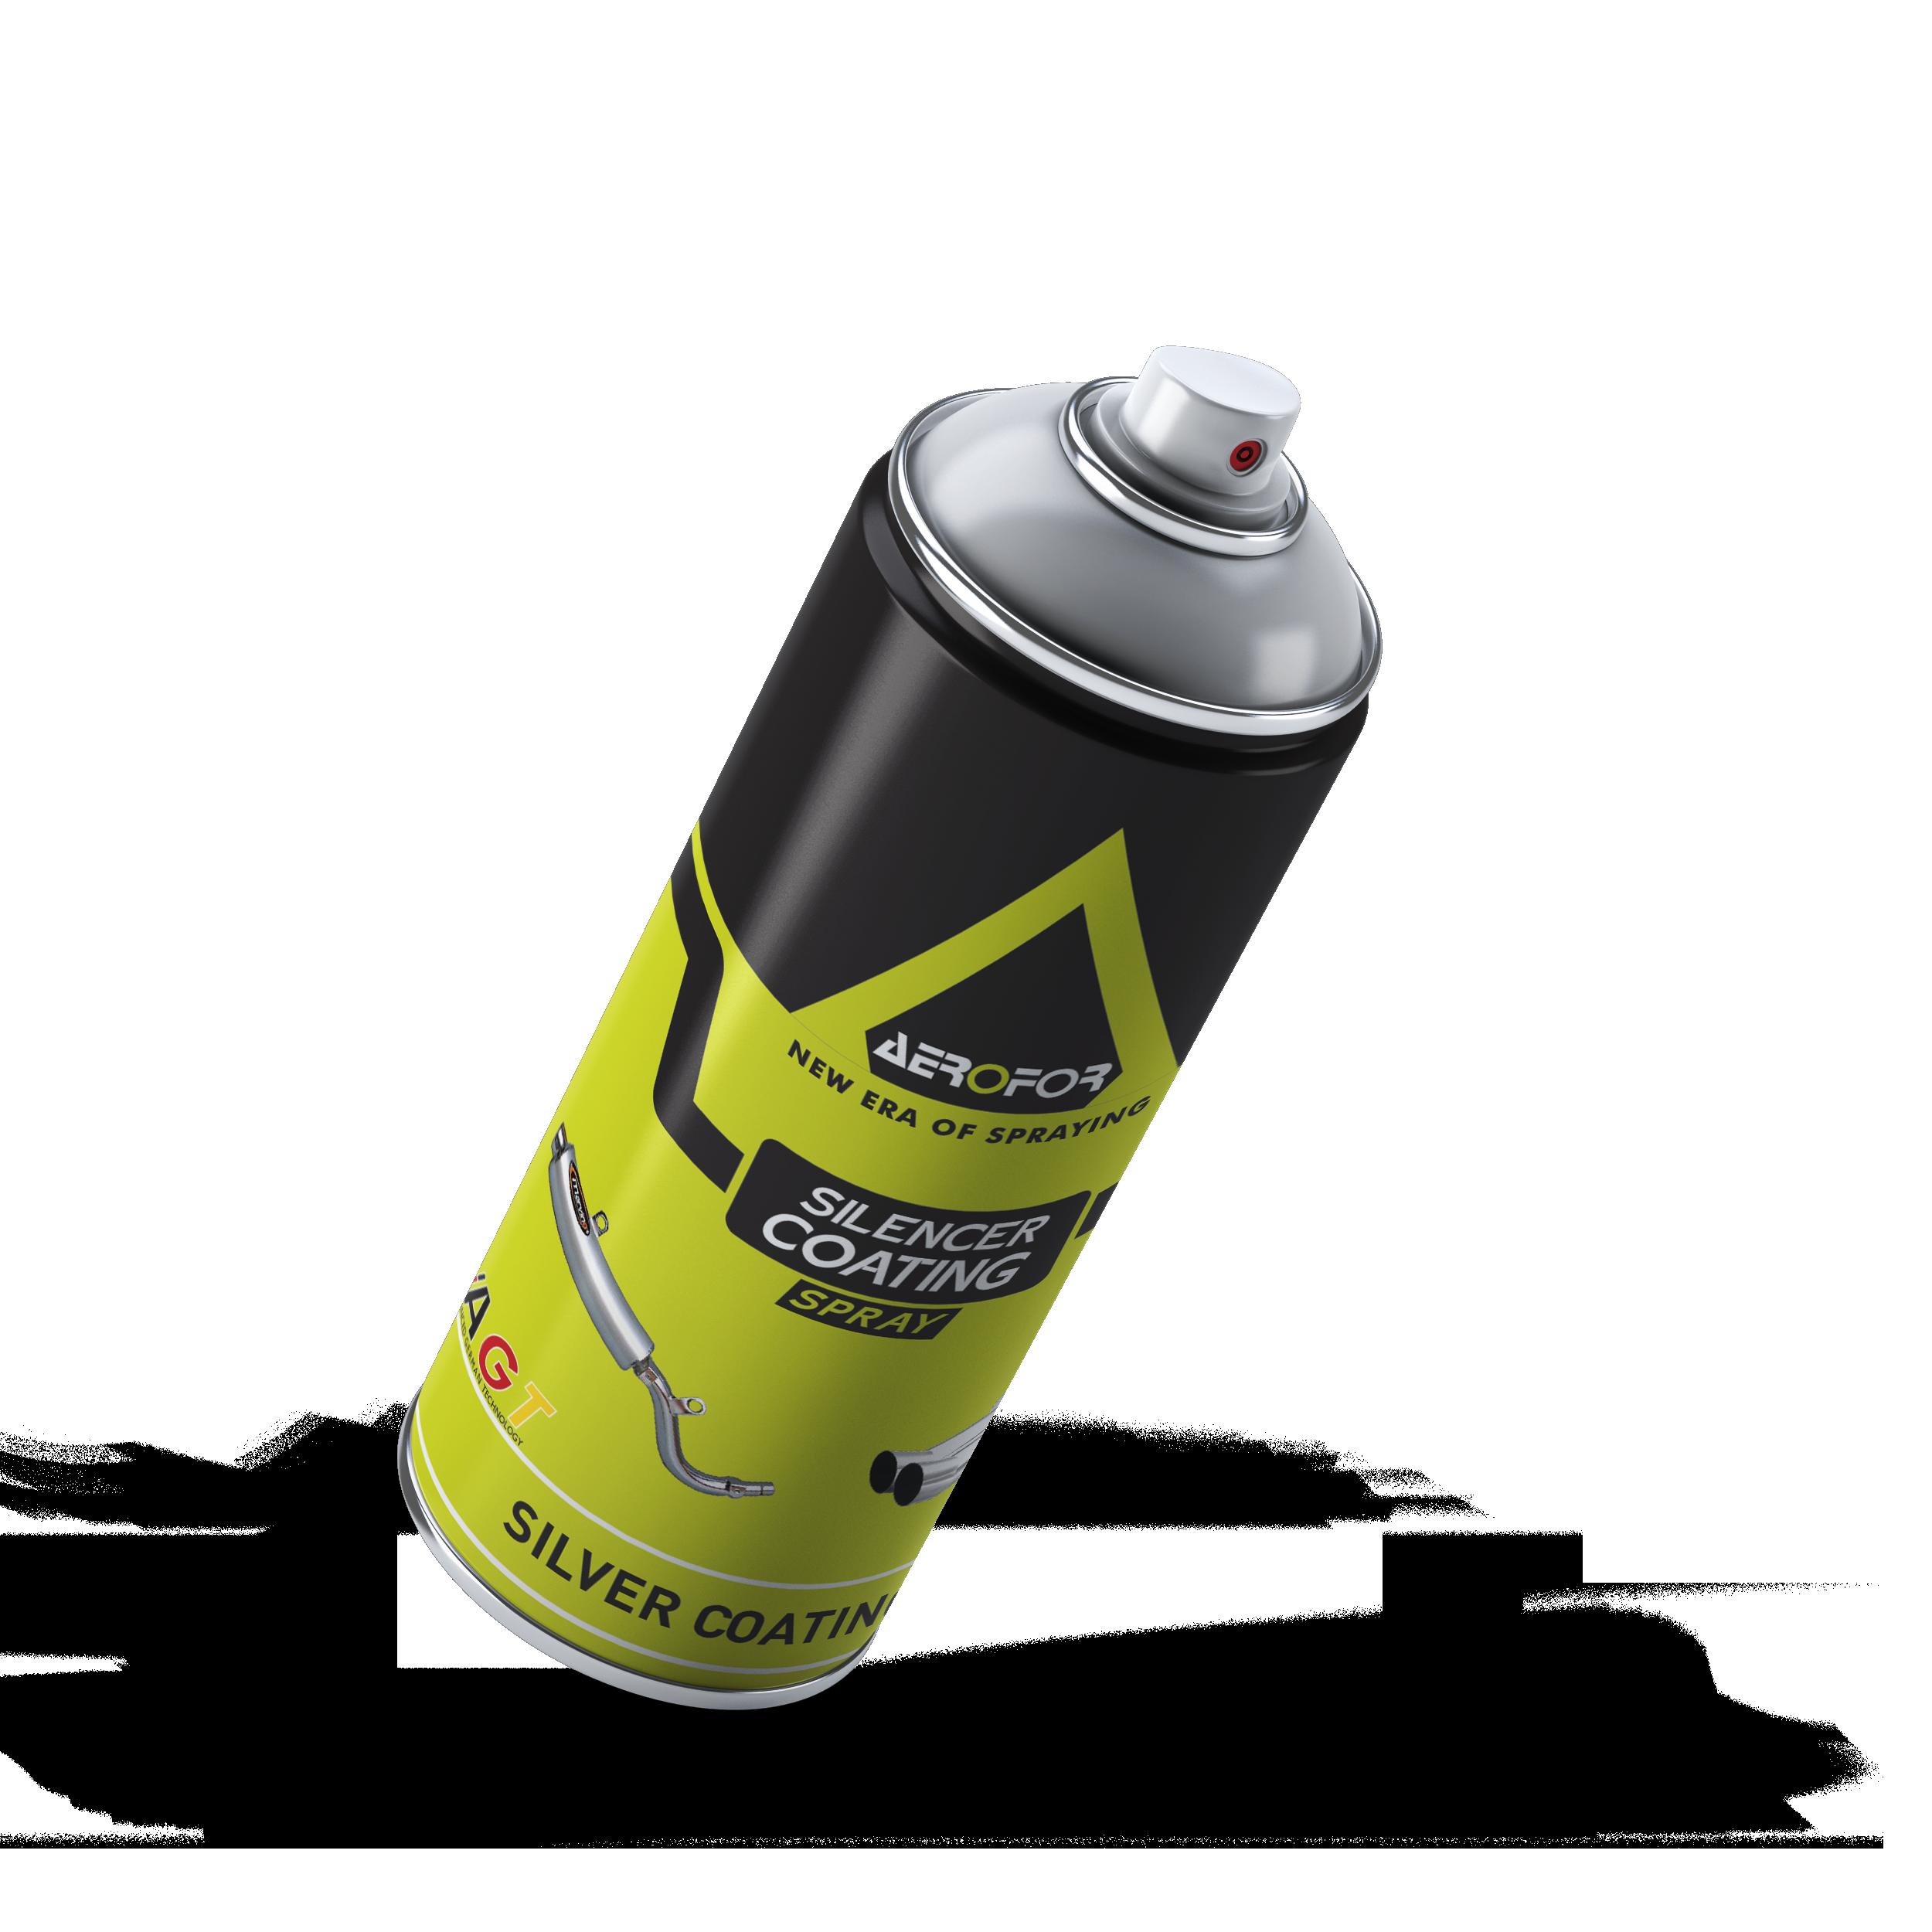 Silencer Coating Silver Spray